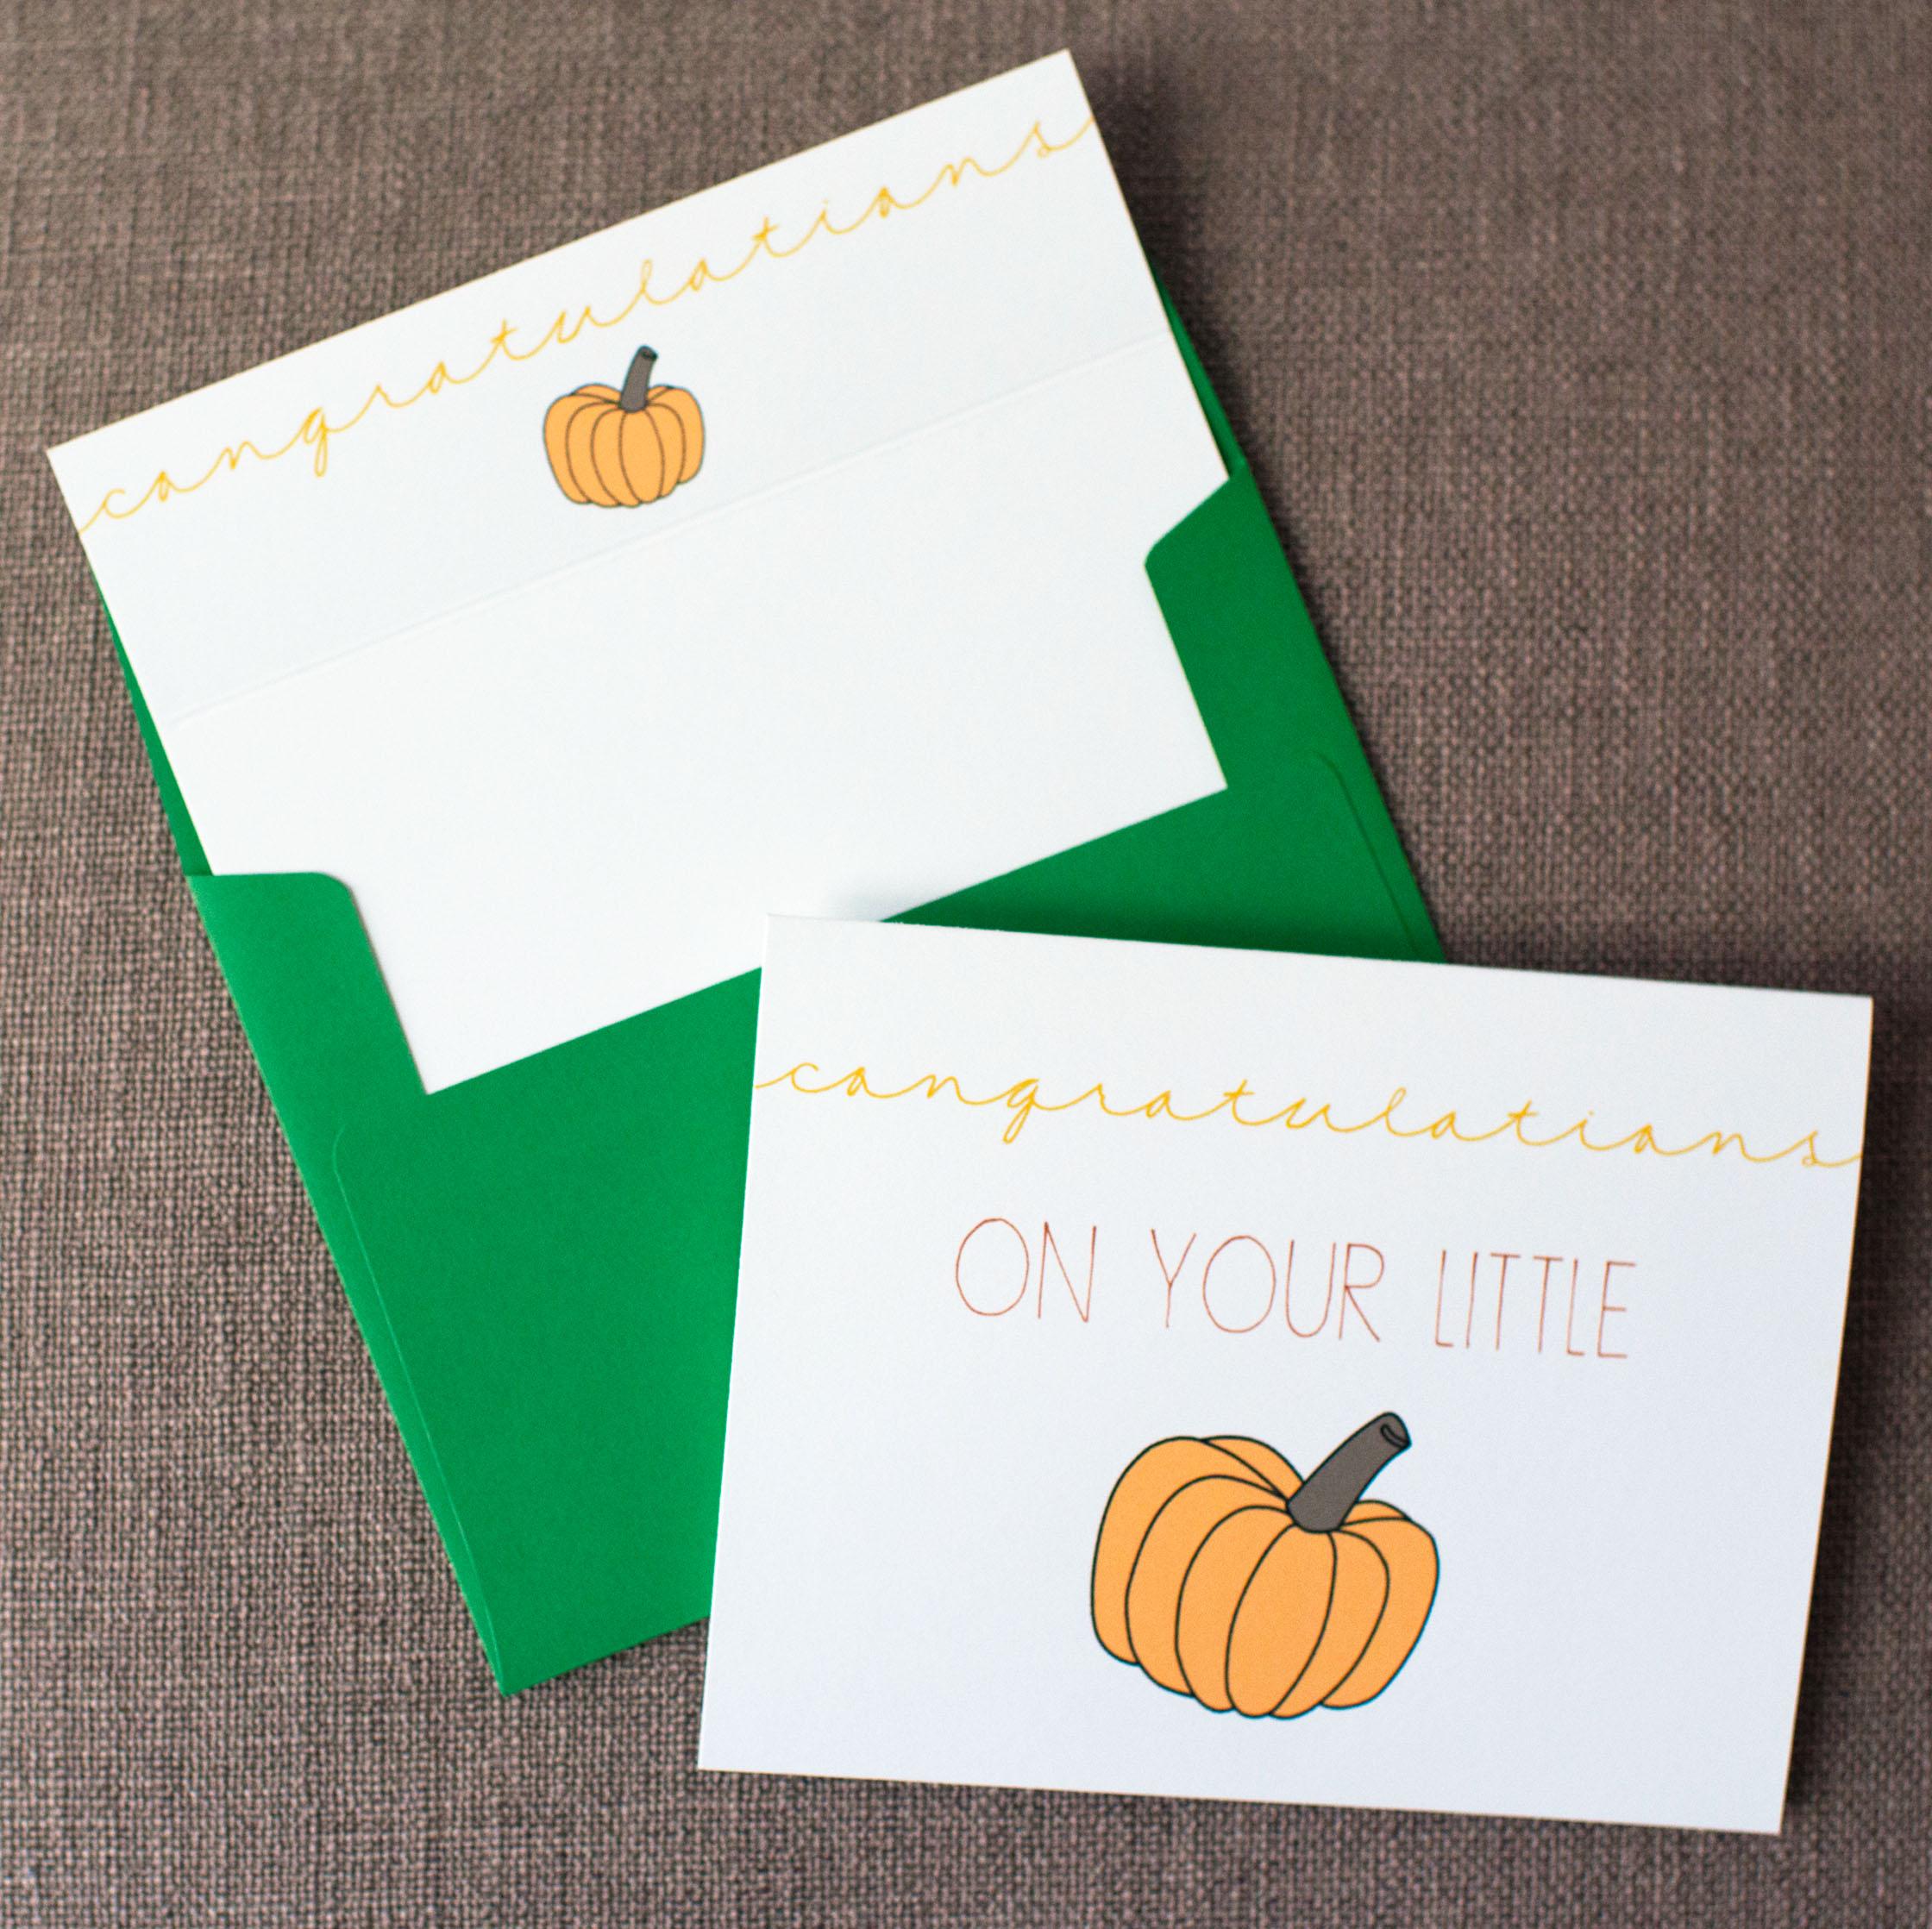 Congratulations On Your Little Pumpkin - Yellow Card